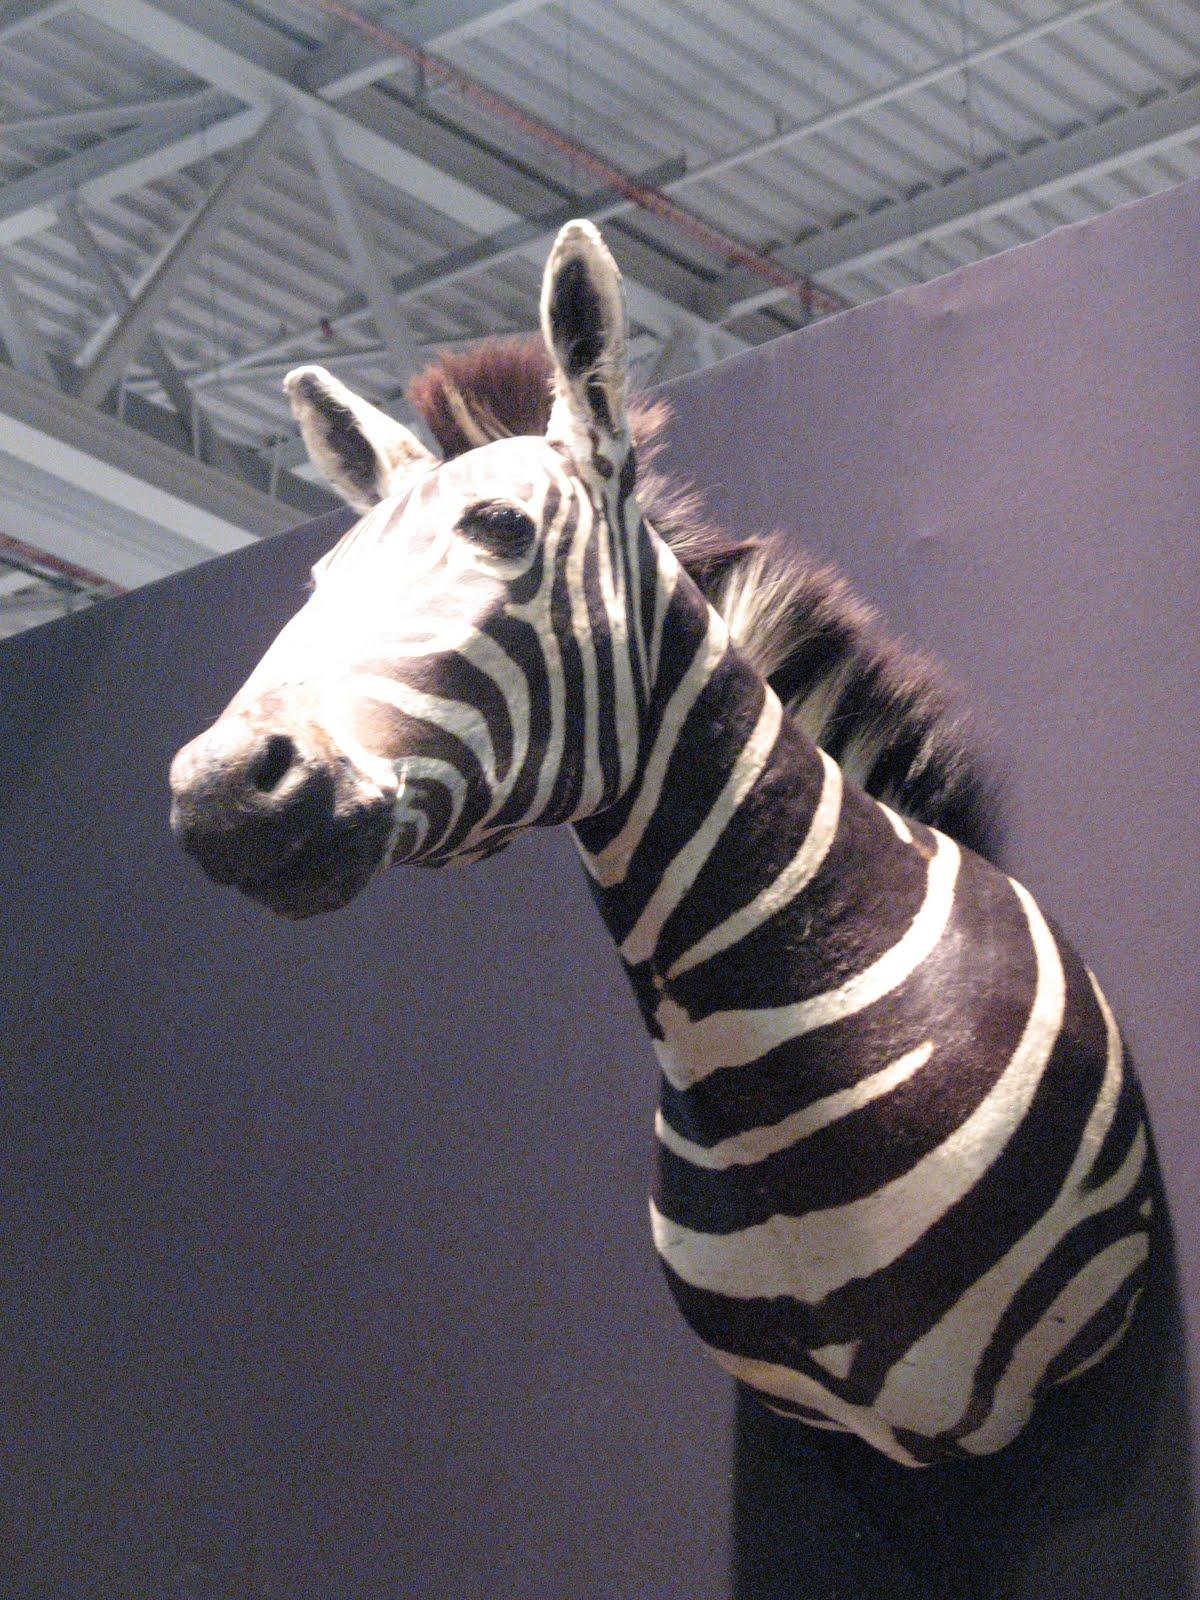 D co les incontournables de flo deco animaux tranquilles for Deco zebre